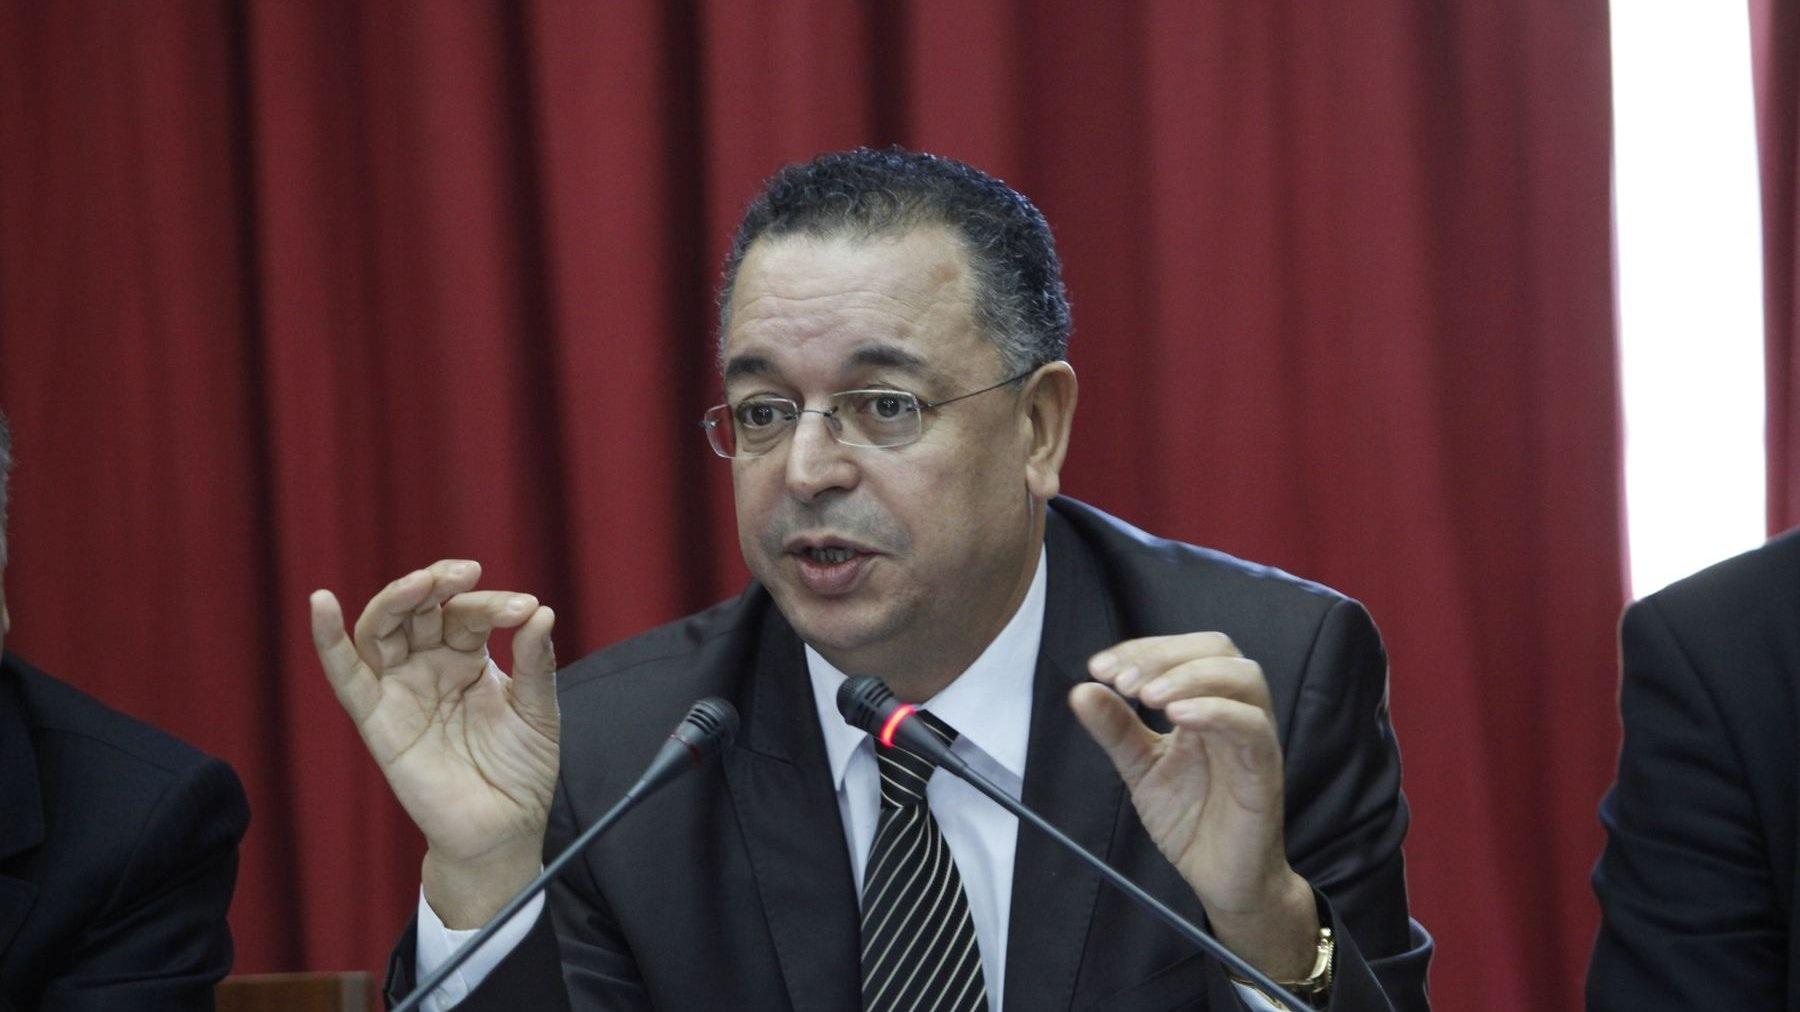 مجلس الحكومة يصادق على مشروع قانون تنظيم مهنة وكيل الاسفار